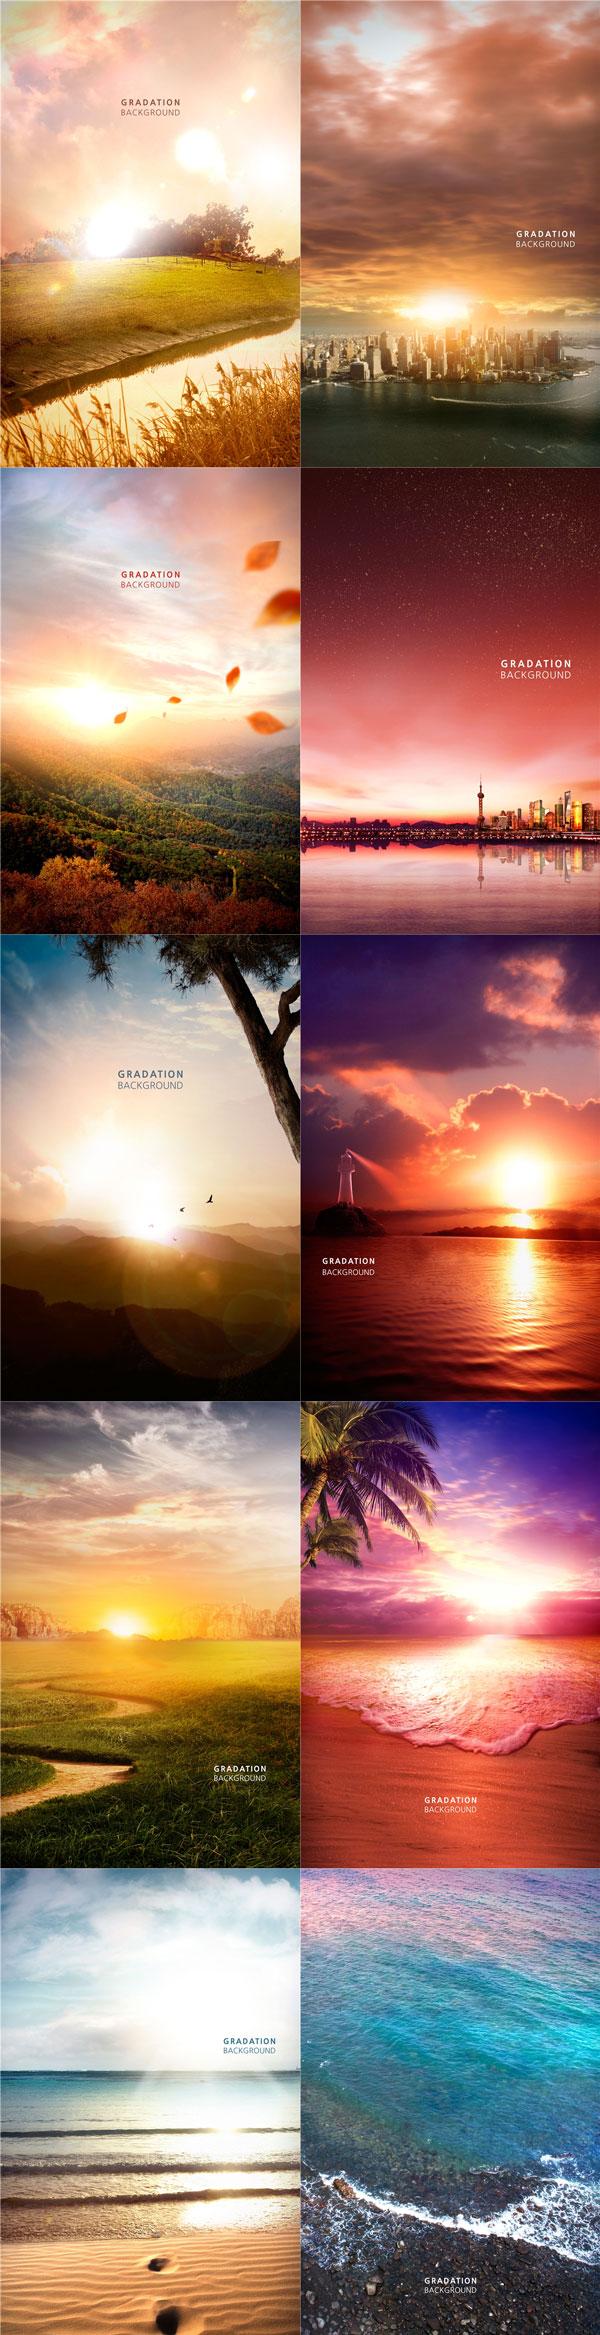 10款唯美风景海报